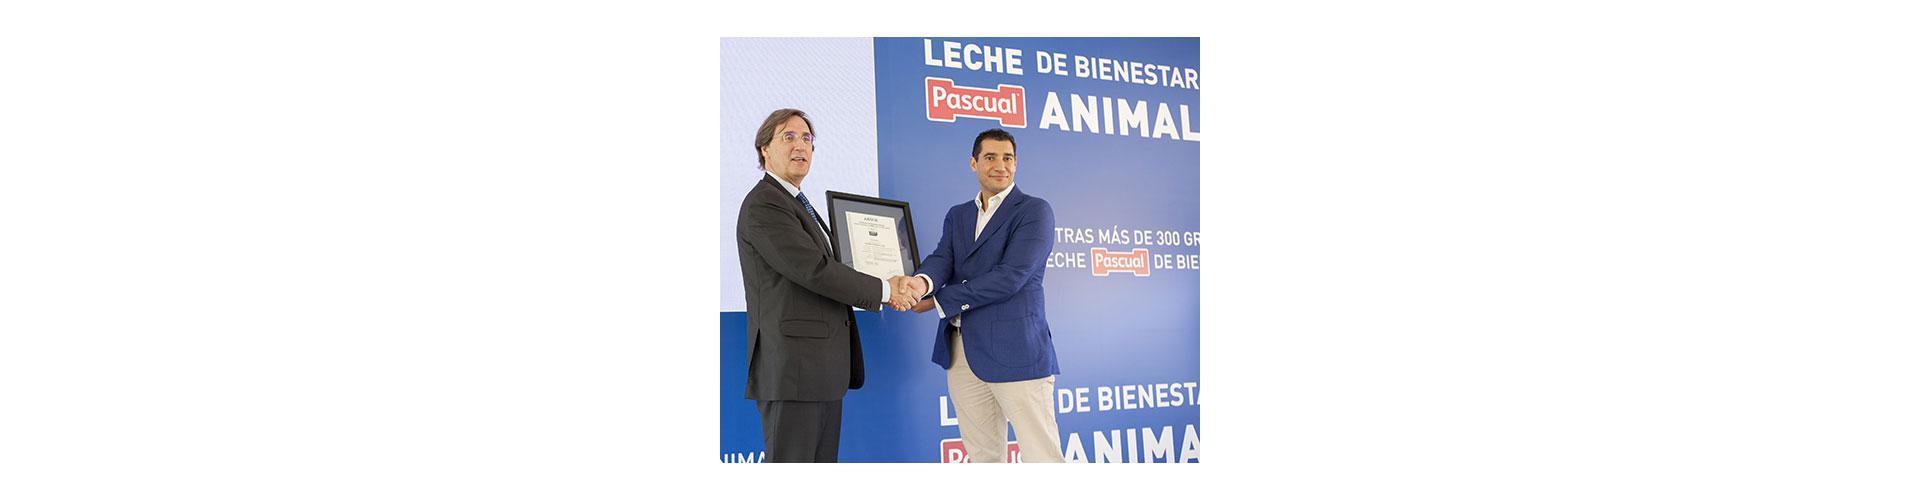 Pascual se convierte en el único gran fabricante con todas sus granjas certificadas en bienestar animal